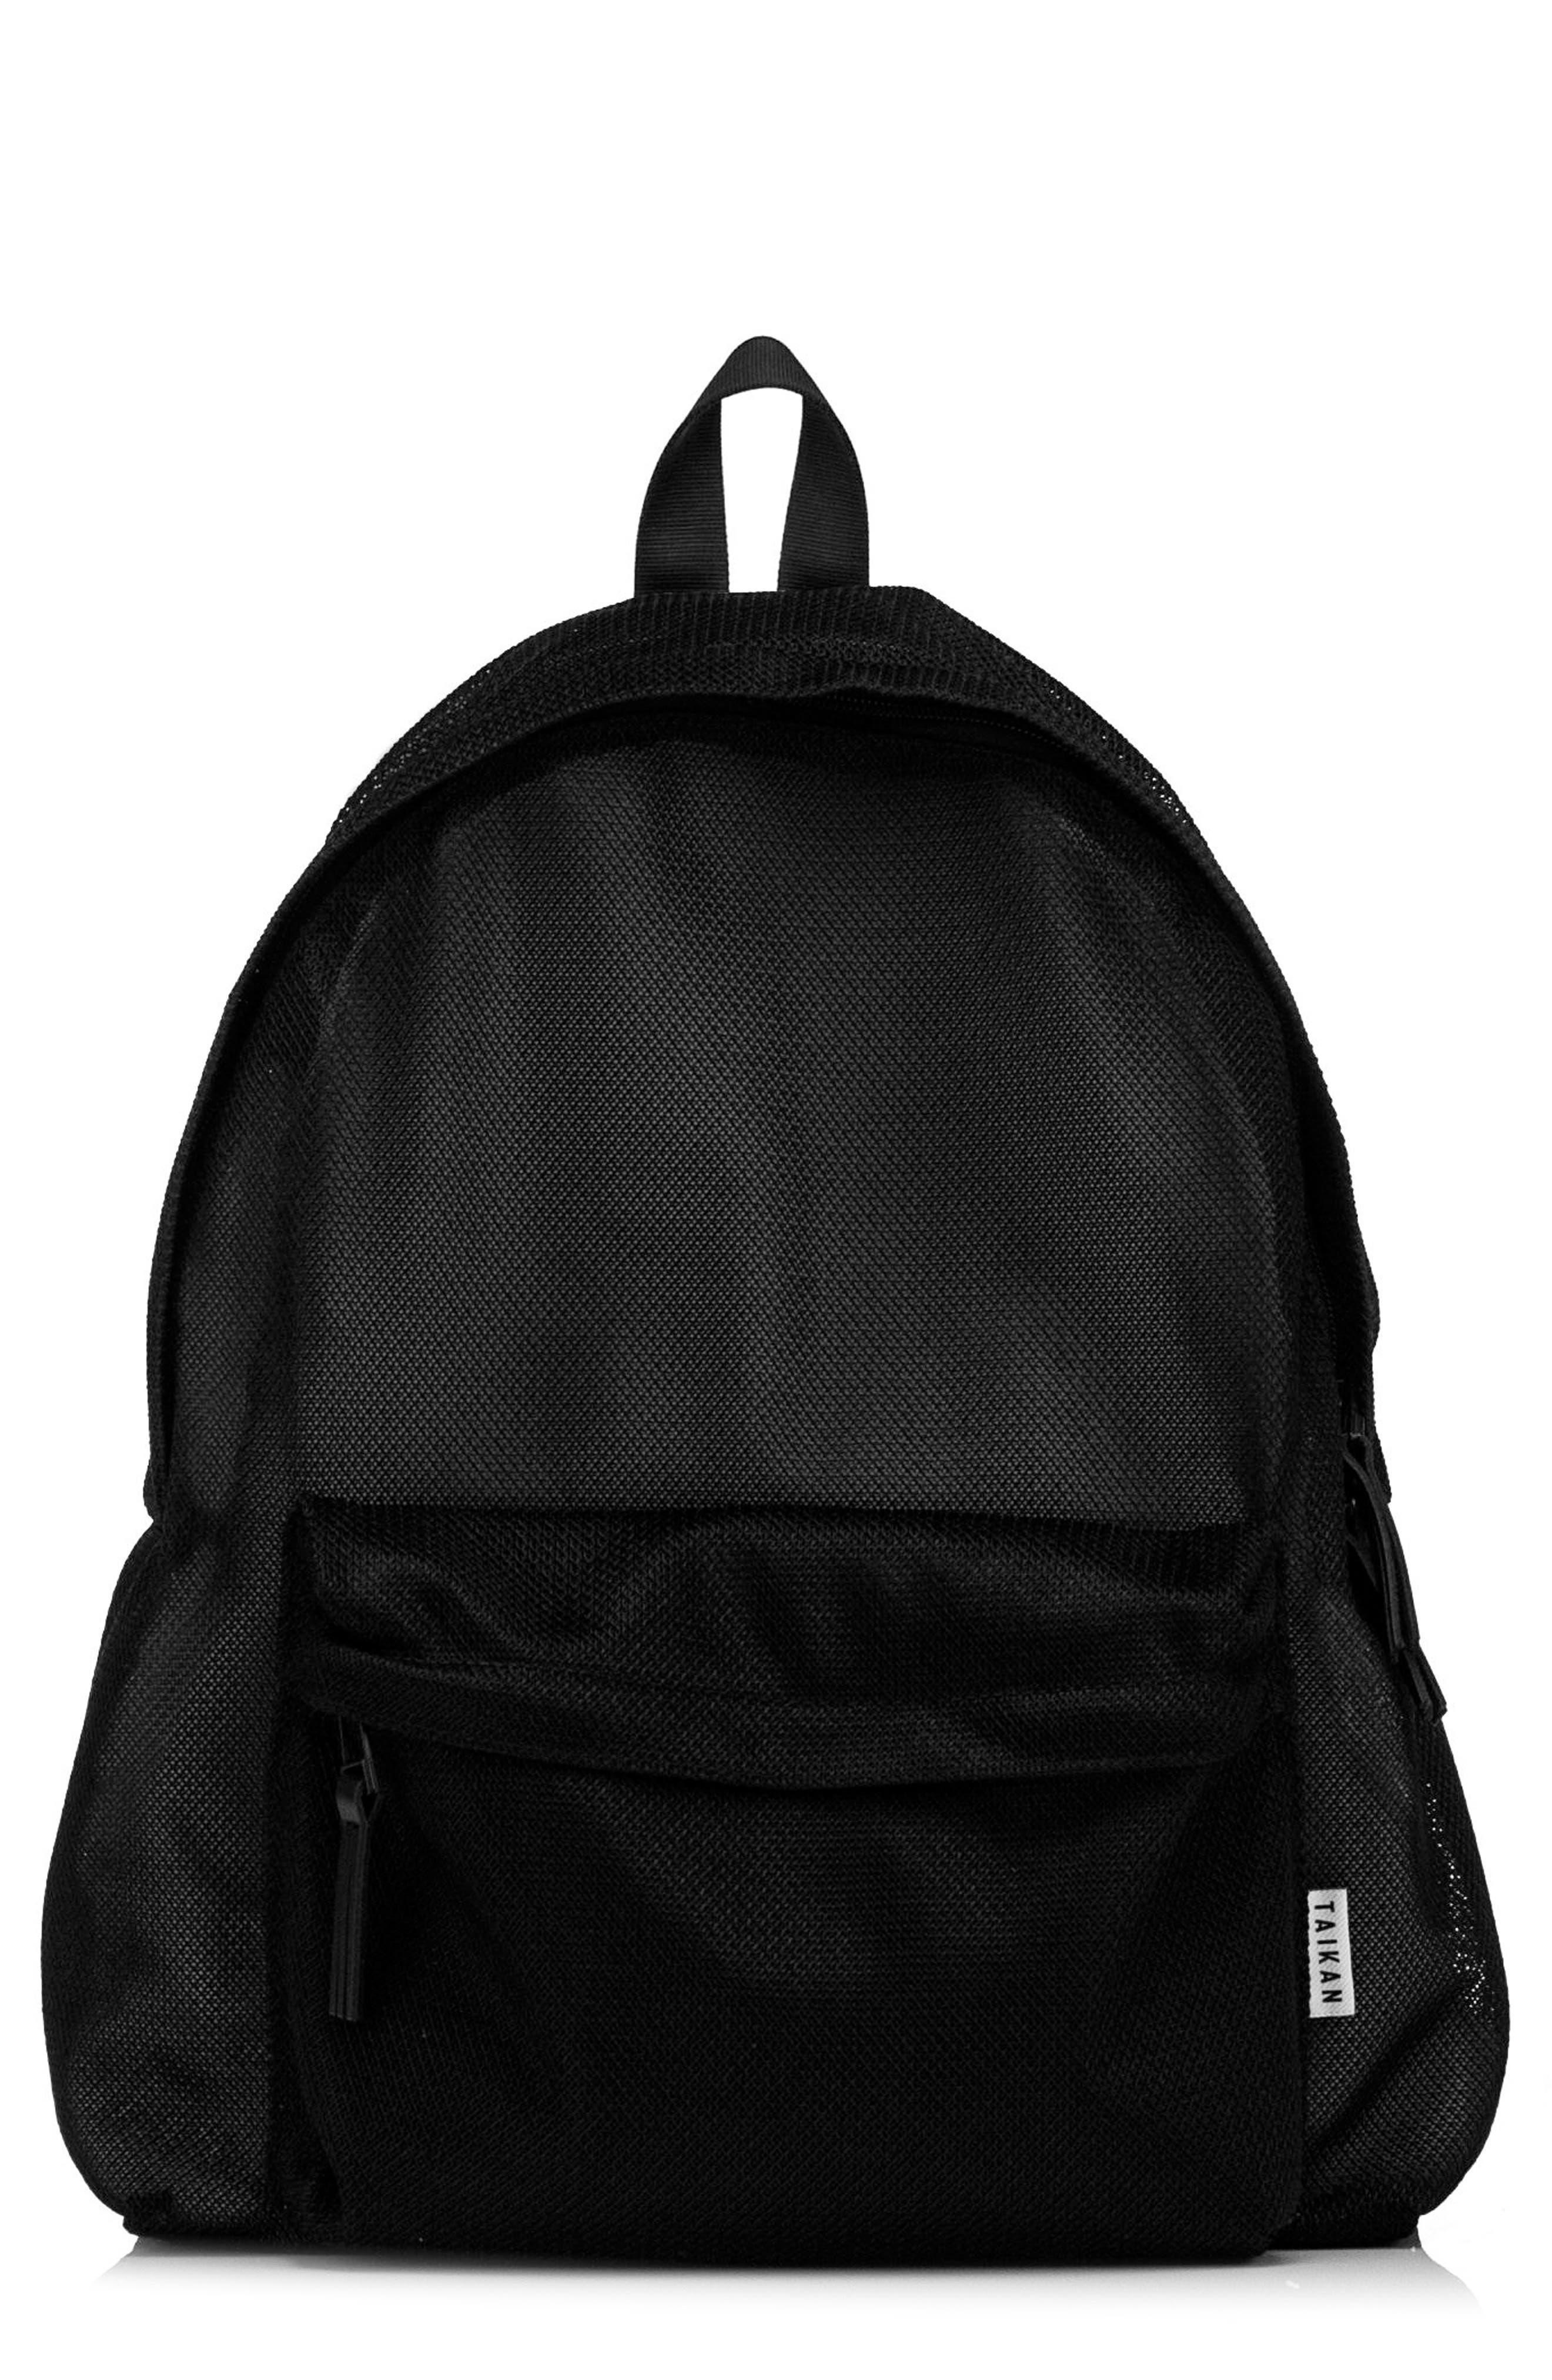 Hornet Mesh Backpack,                         Main,                         color, Black Mesh